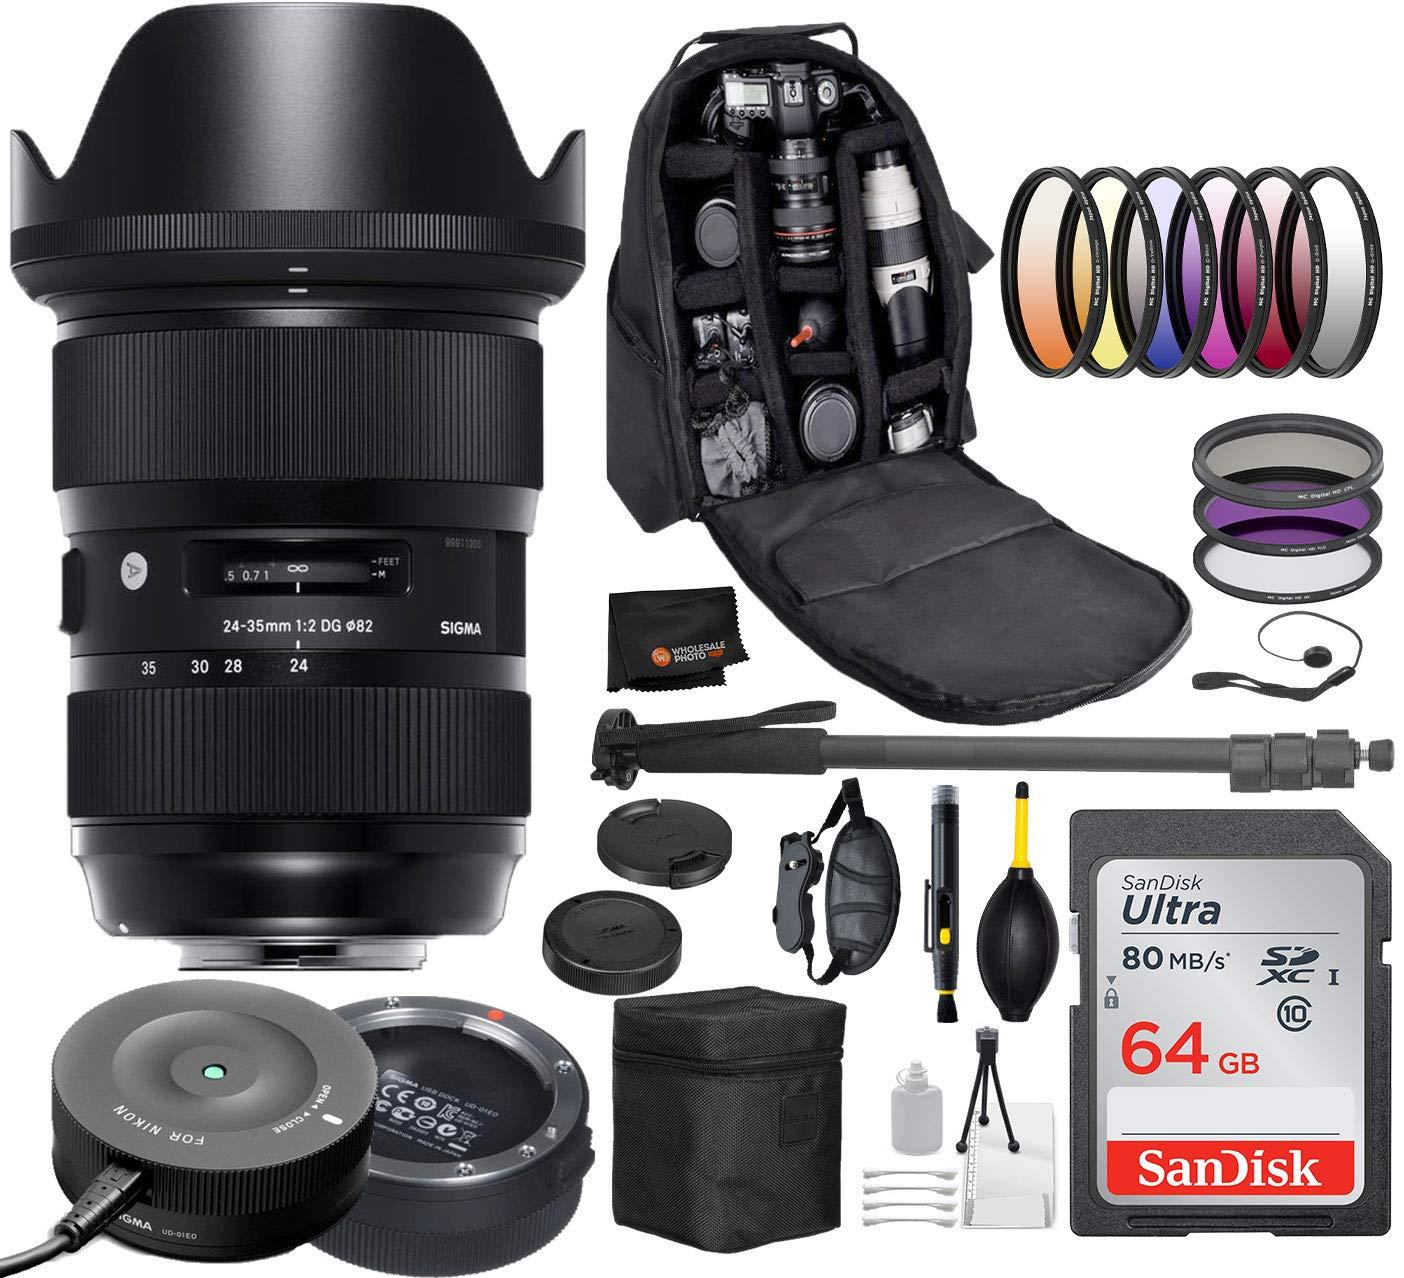 Sigma 24-35mm f/2 DG HSM Art Lens for Nikon DSLR Cameras 588955 USA + Sigma USB Dock with Professional Bundle Package Deal - 9 pc Filter Kit + SanDisk 64gb SD Card + Backpack + More